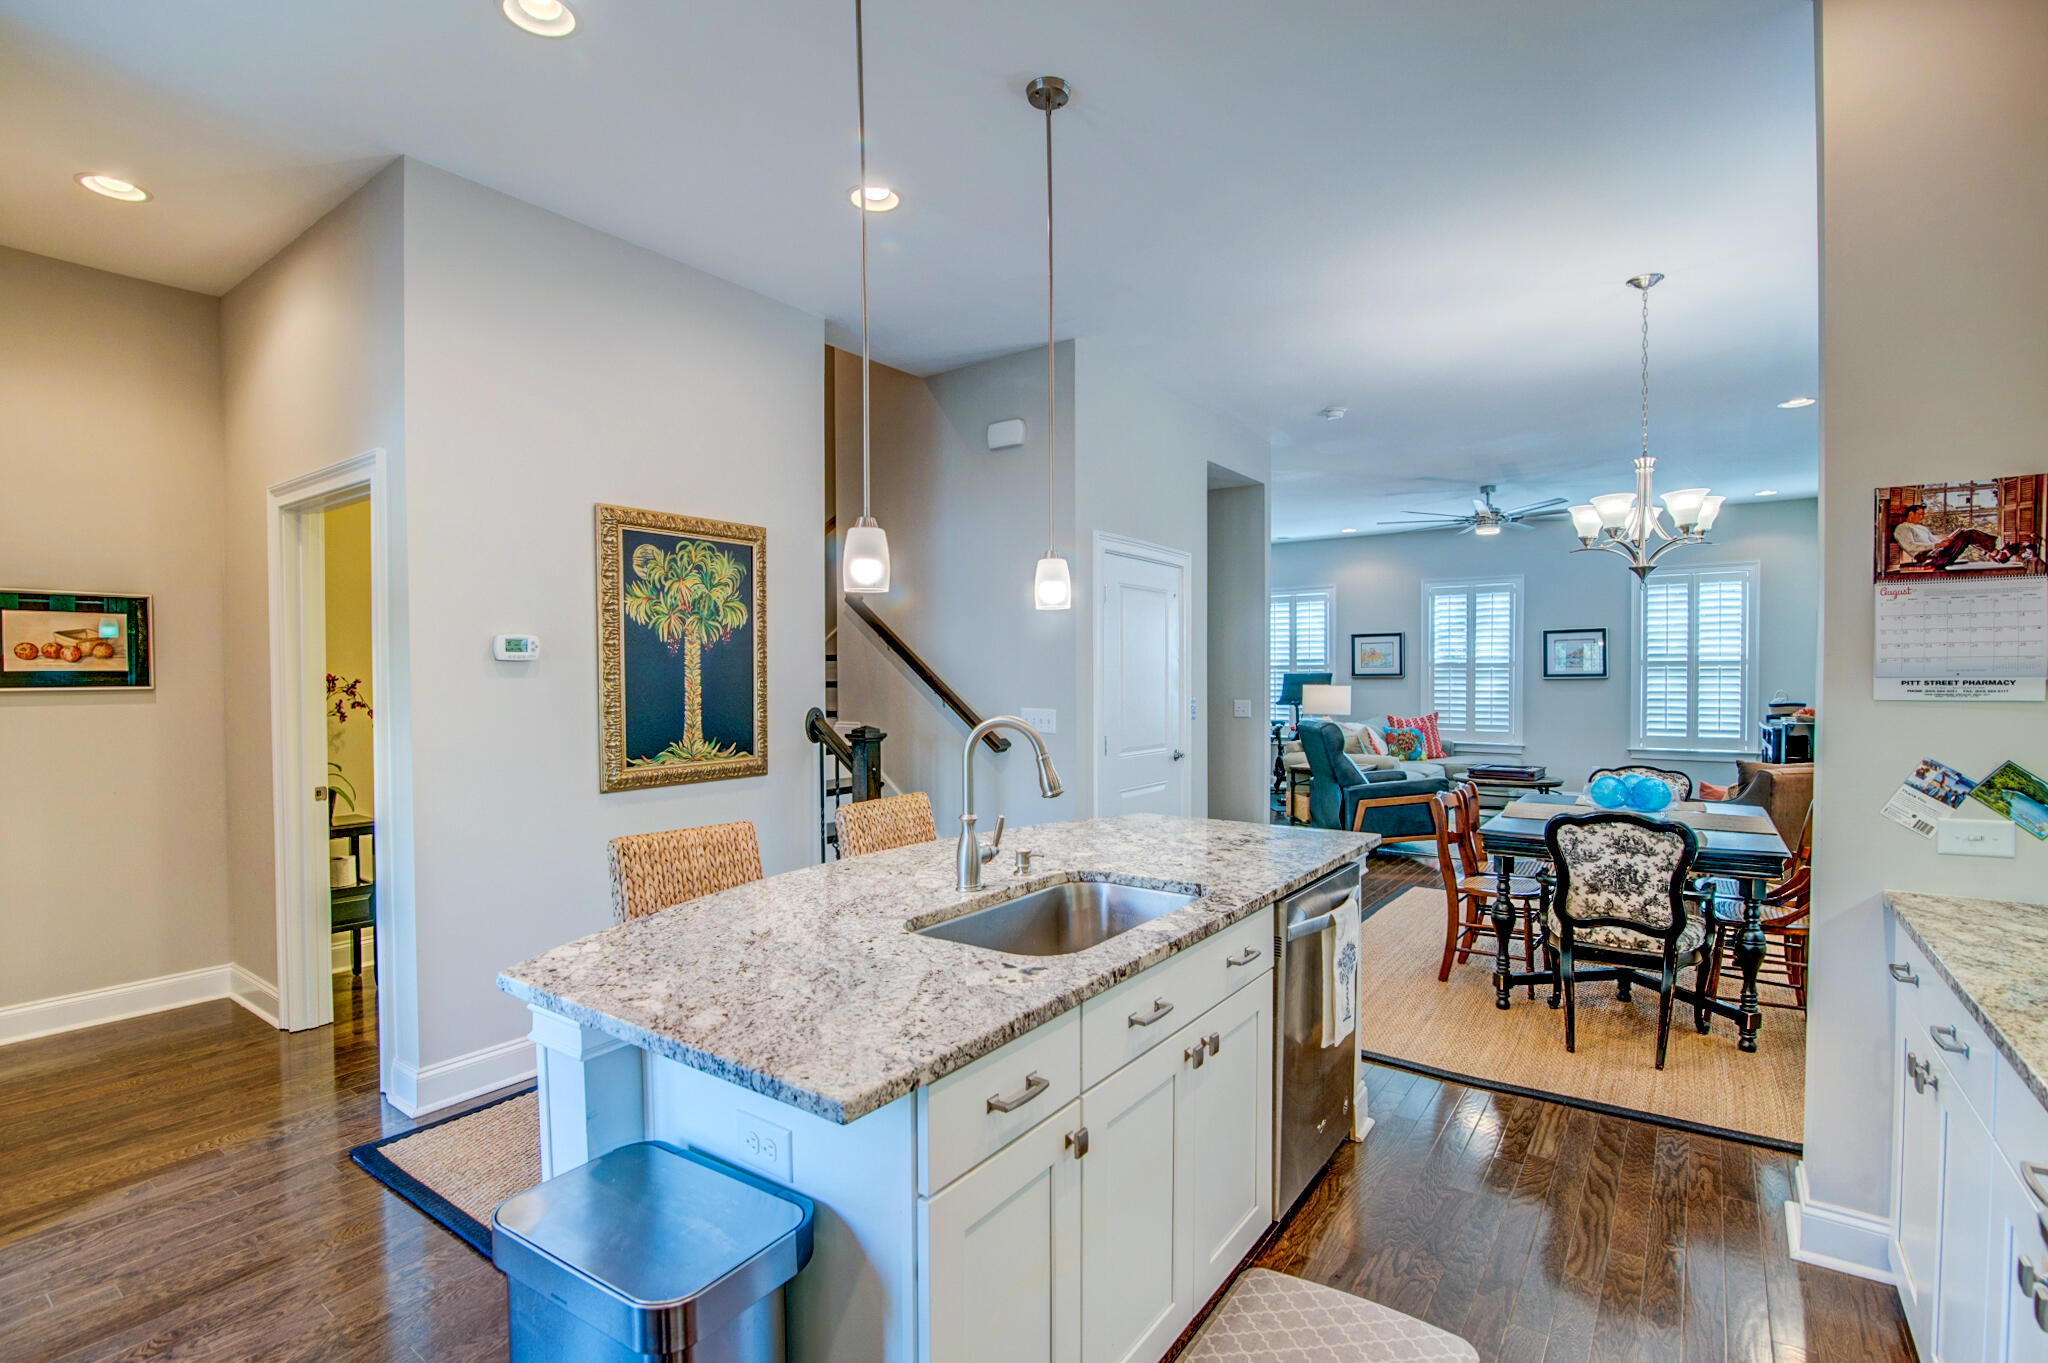 Whitesides Park Homes For Sale - 1102 Alagash Way, Mount Pleasant, SC - 21